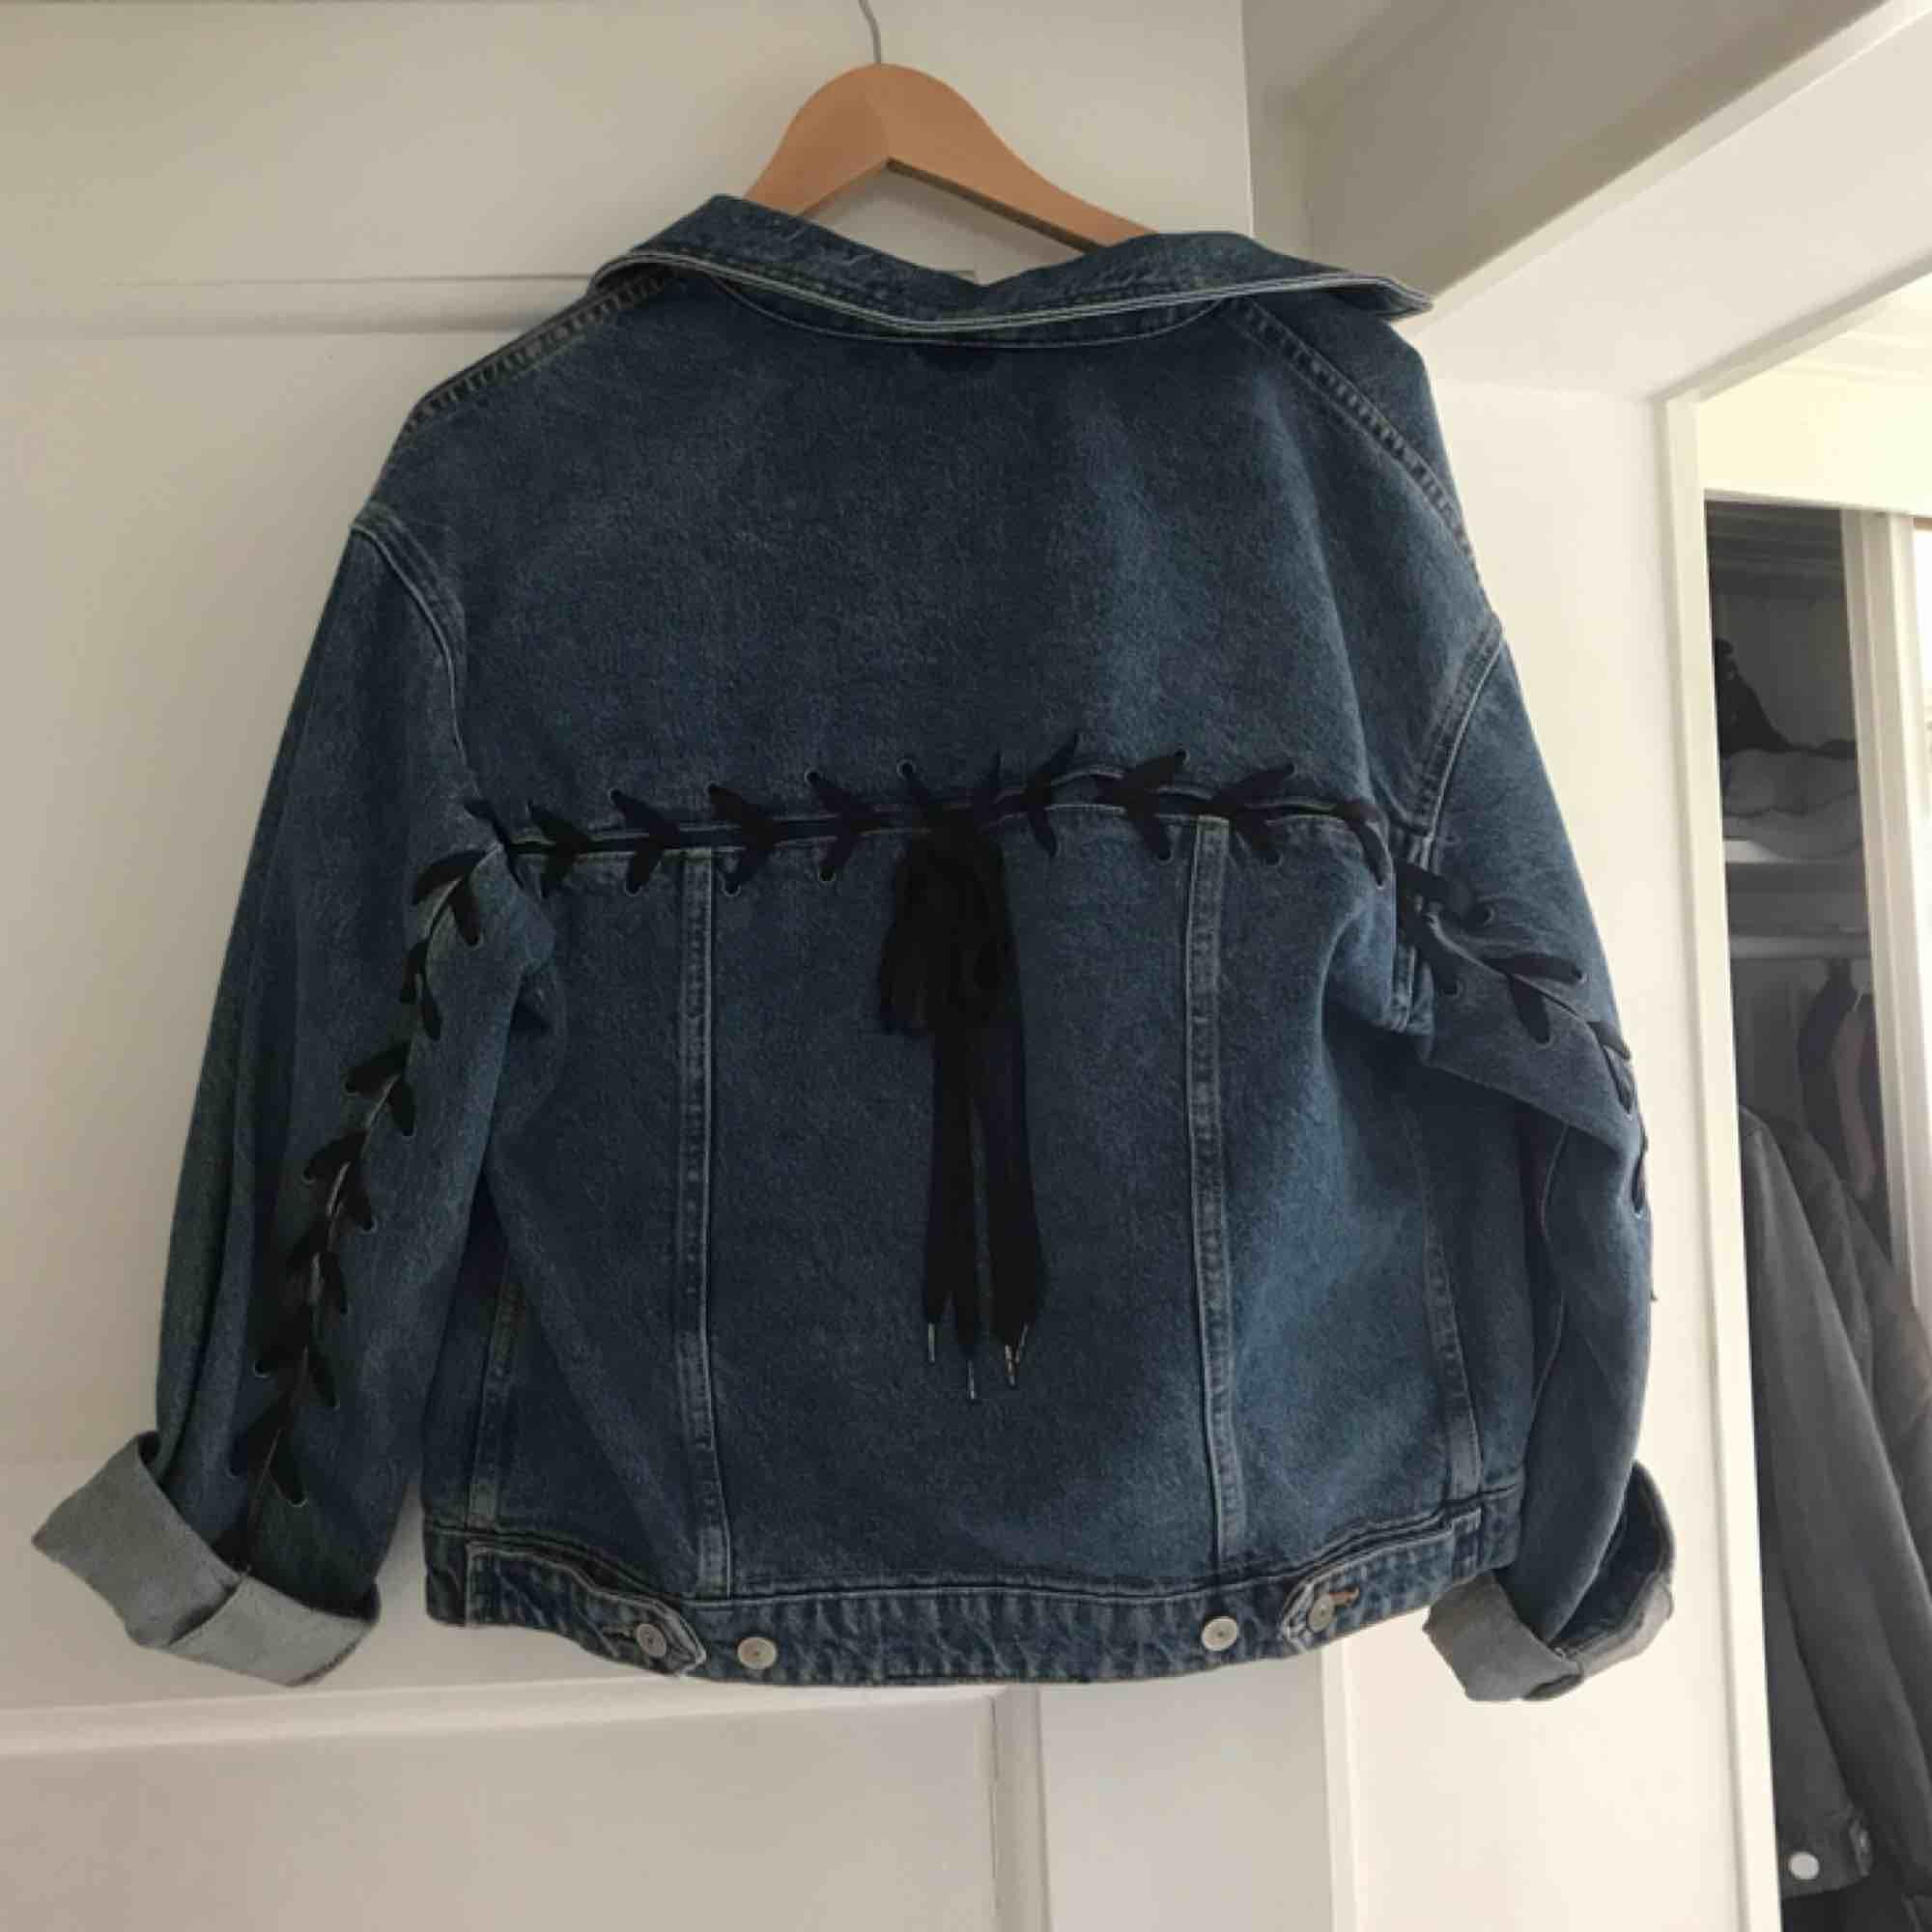 Snyggaste jeansjackan med snörning i ryggen från HM! Storlek 38, men jag har haft den som lite oversize (jag är vanligtvis 36), tror att den även kan passa större storlekar. Snöret går art knyta upp och ta bort om man vill det. Pris går att diskutera!. Jackor.